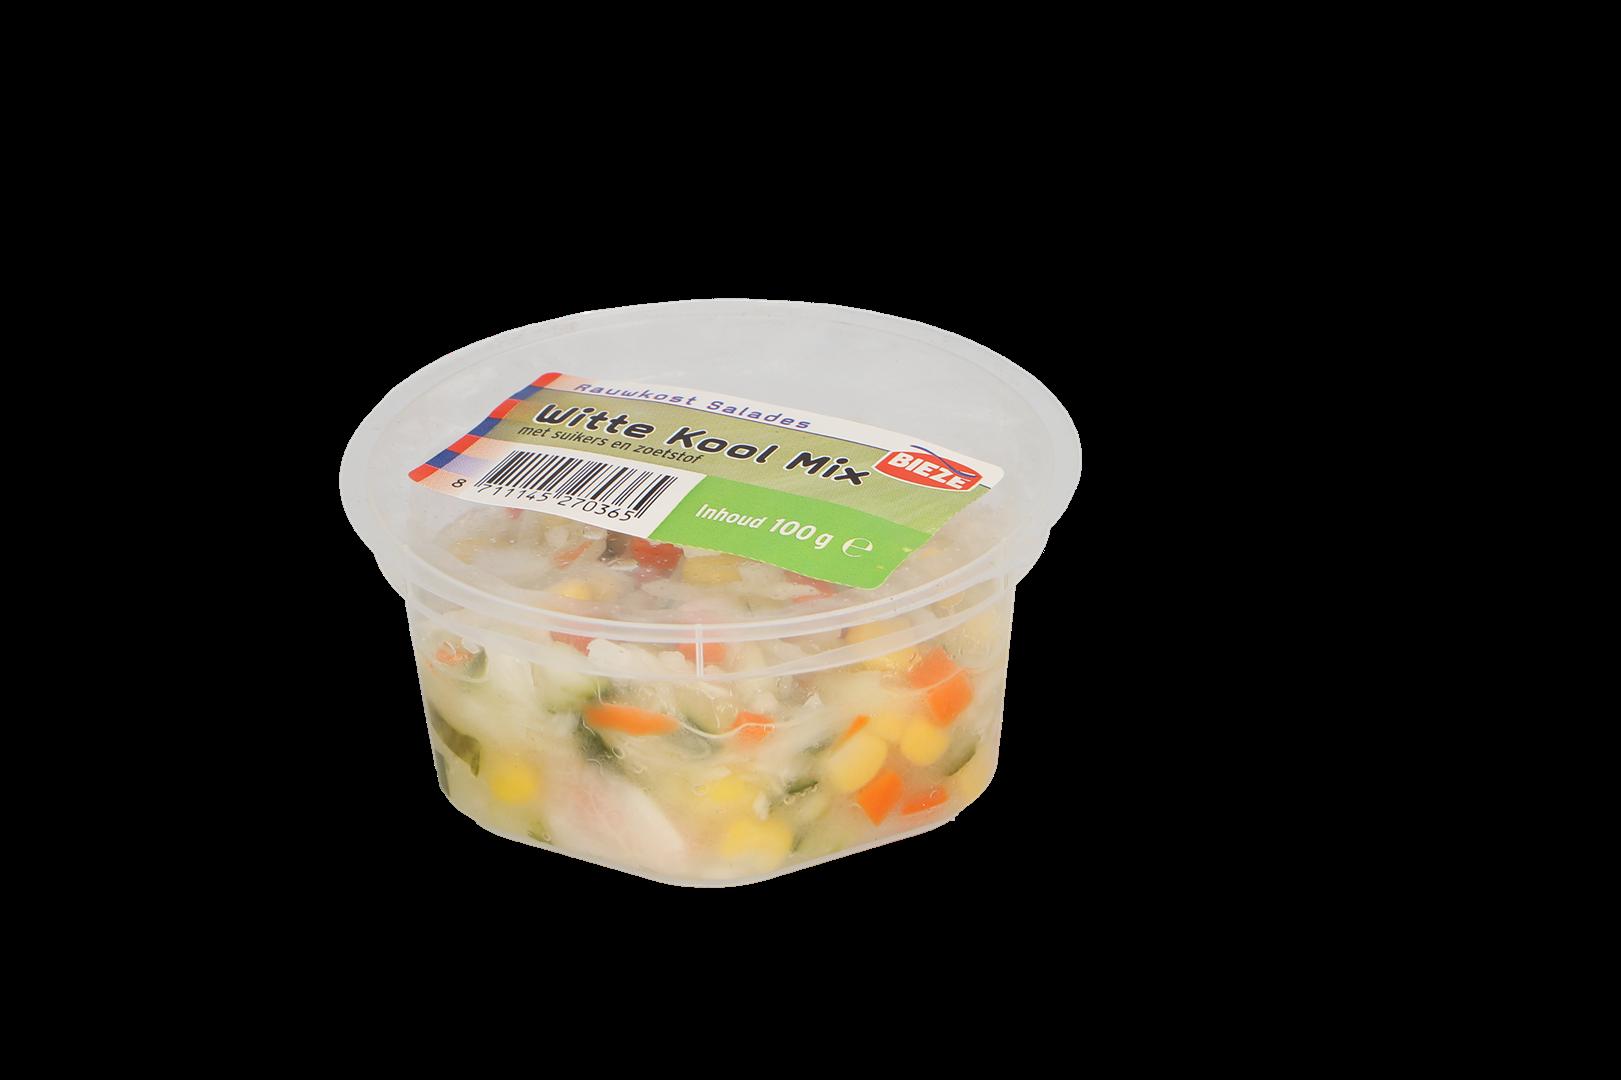 Productafbeelding Portion pack witte kool mix salade met suikers en zoetstof 100g